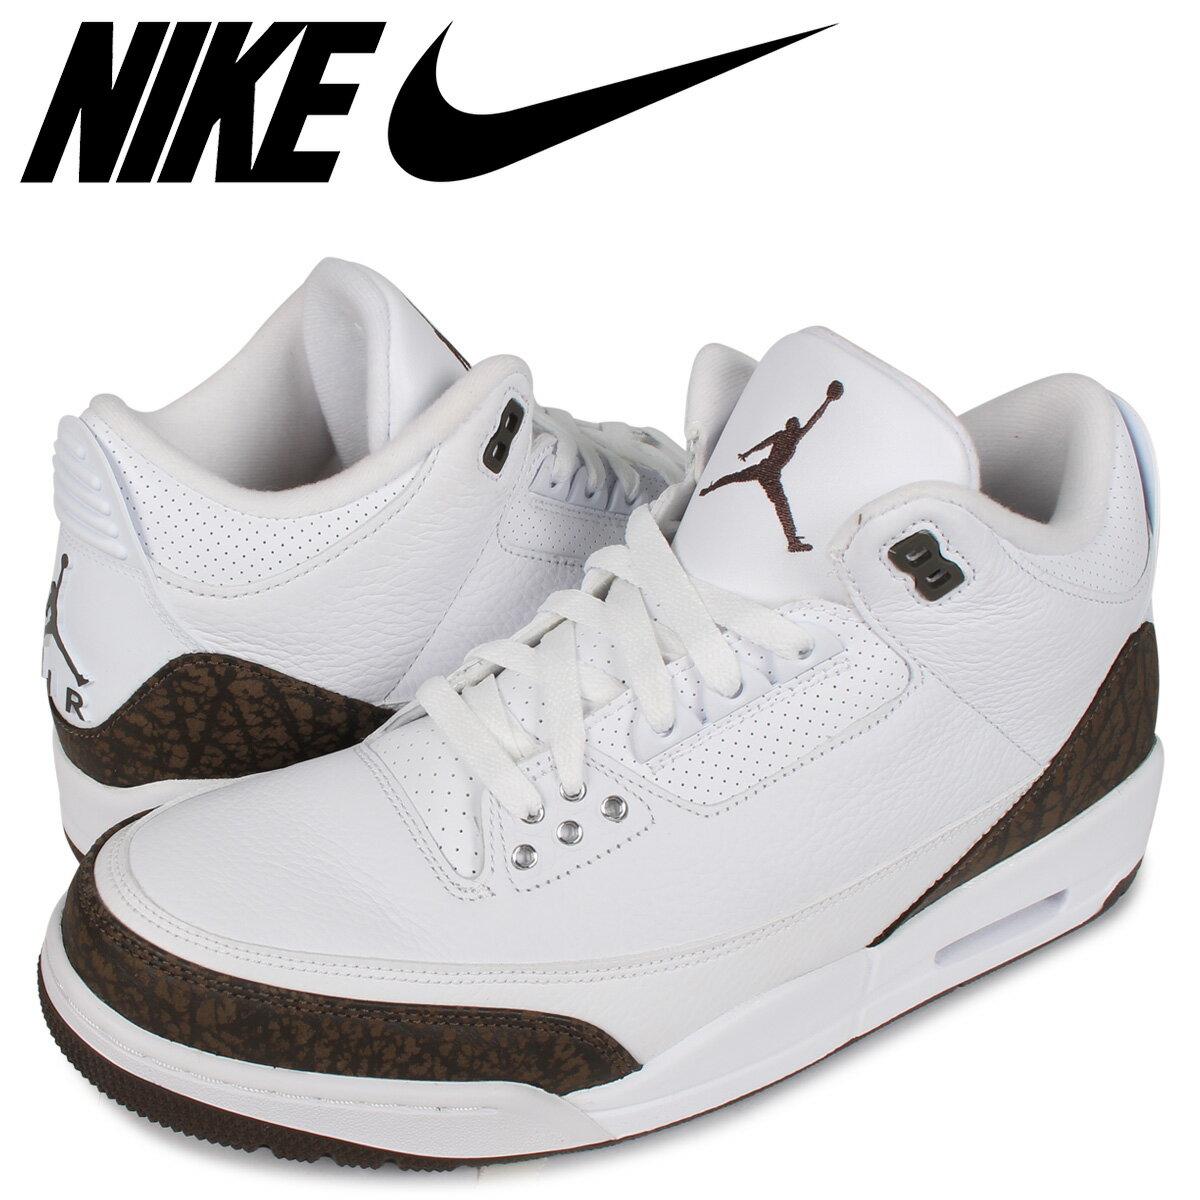 メンズ靴, スニーカー NIKE AIR JORDAN 3 RETRO 3 136064-122